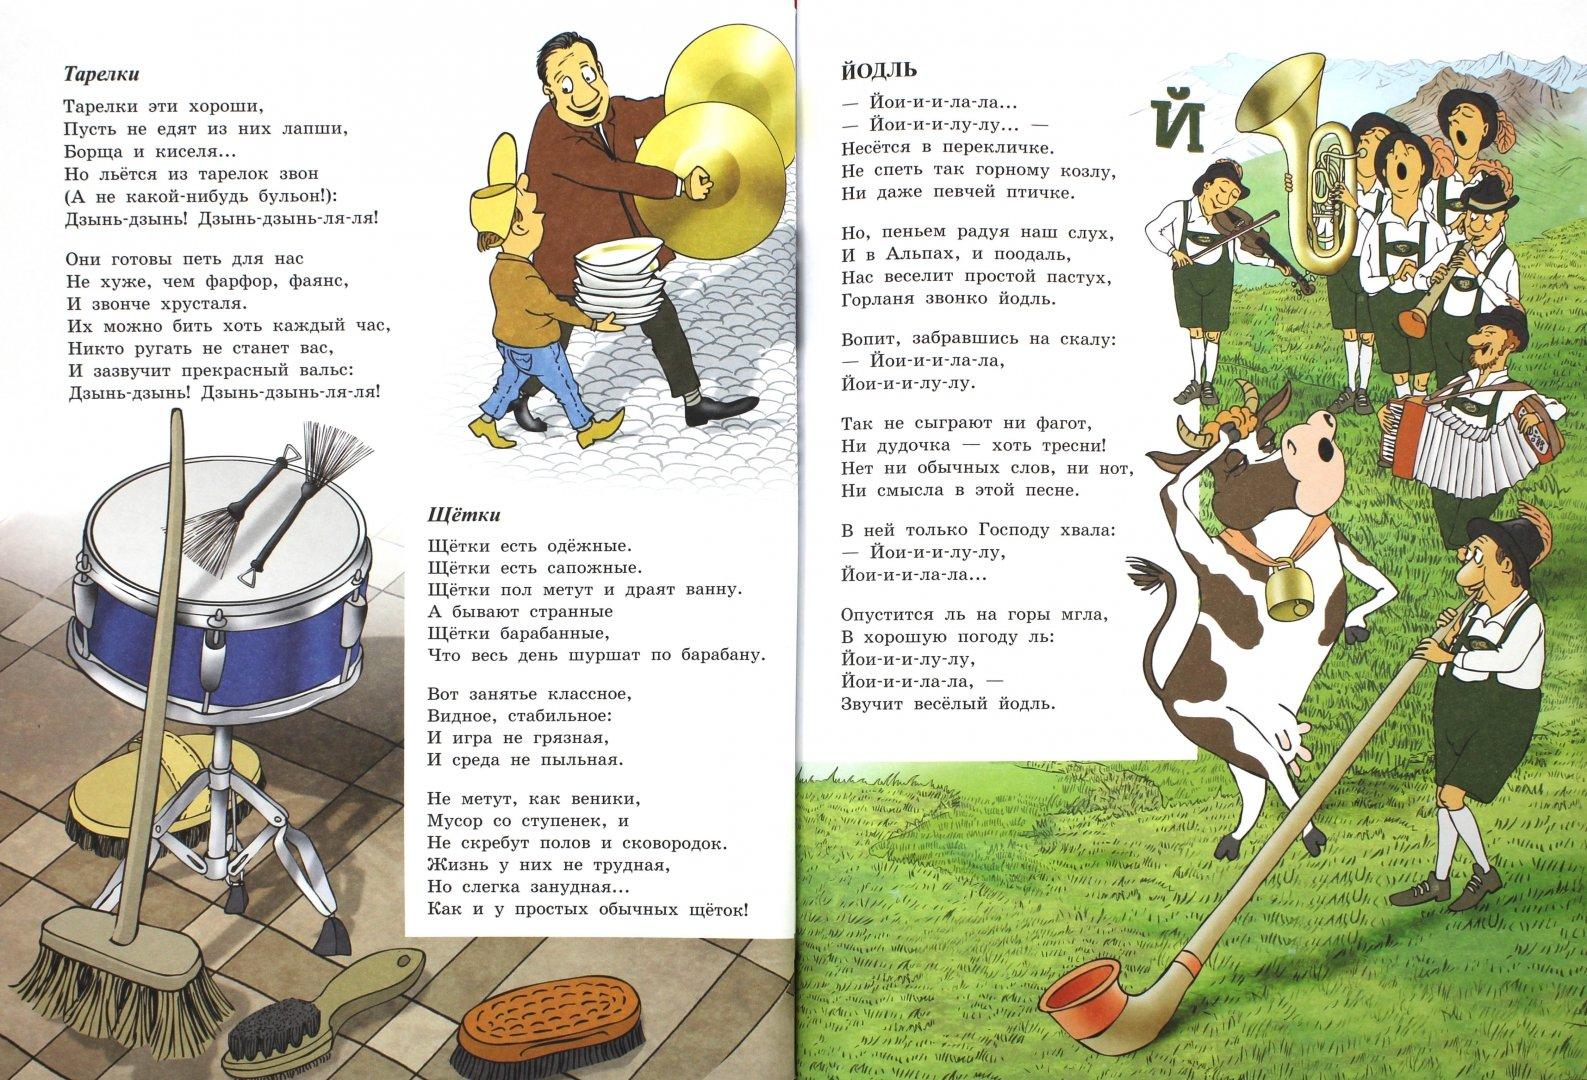 Иллюстрация 1 из 49 для Музыкальное дерево. Уроки музыки для всей семьи - Усачев, Дядина | Лабиринт - книги. Источник: Лабиринт